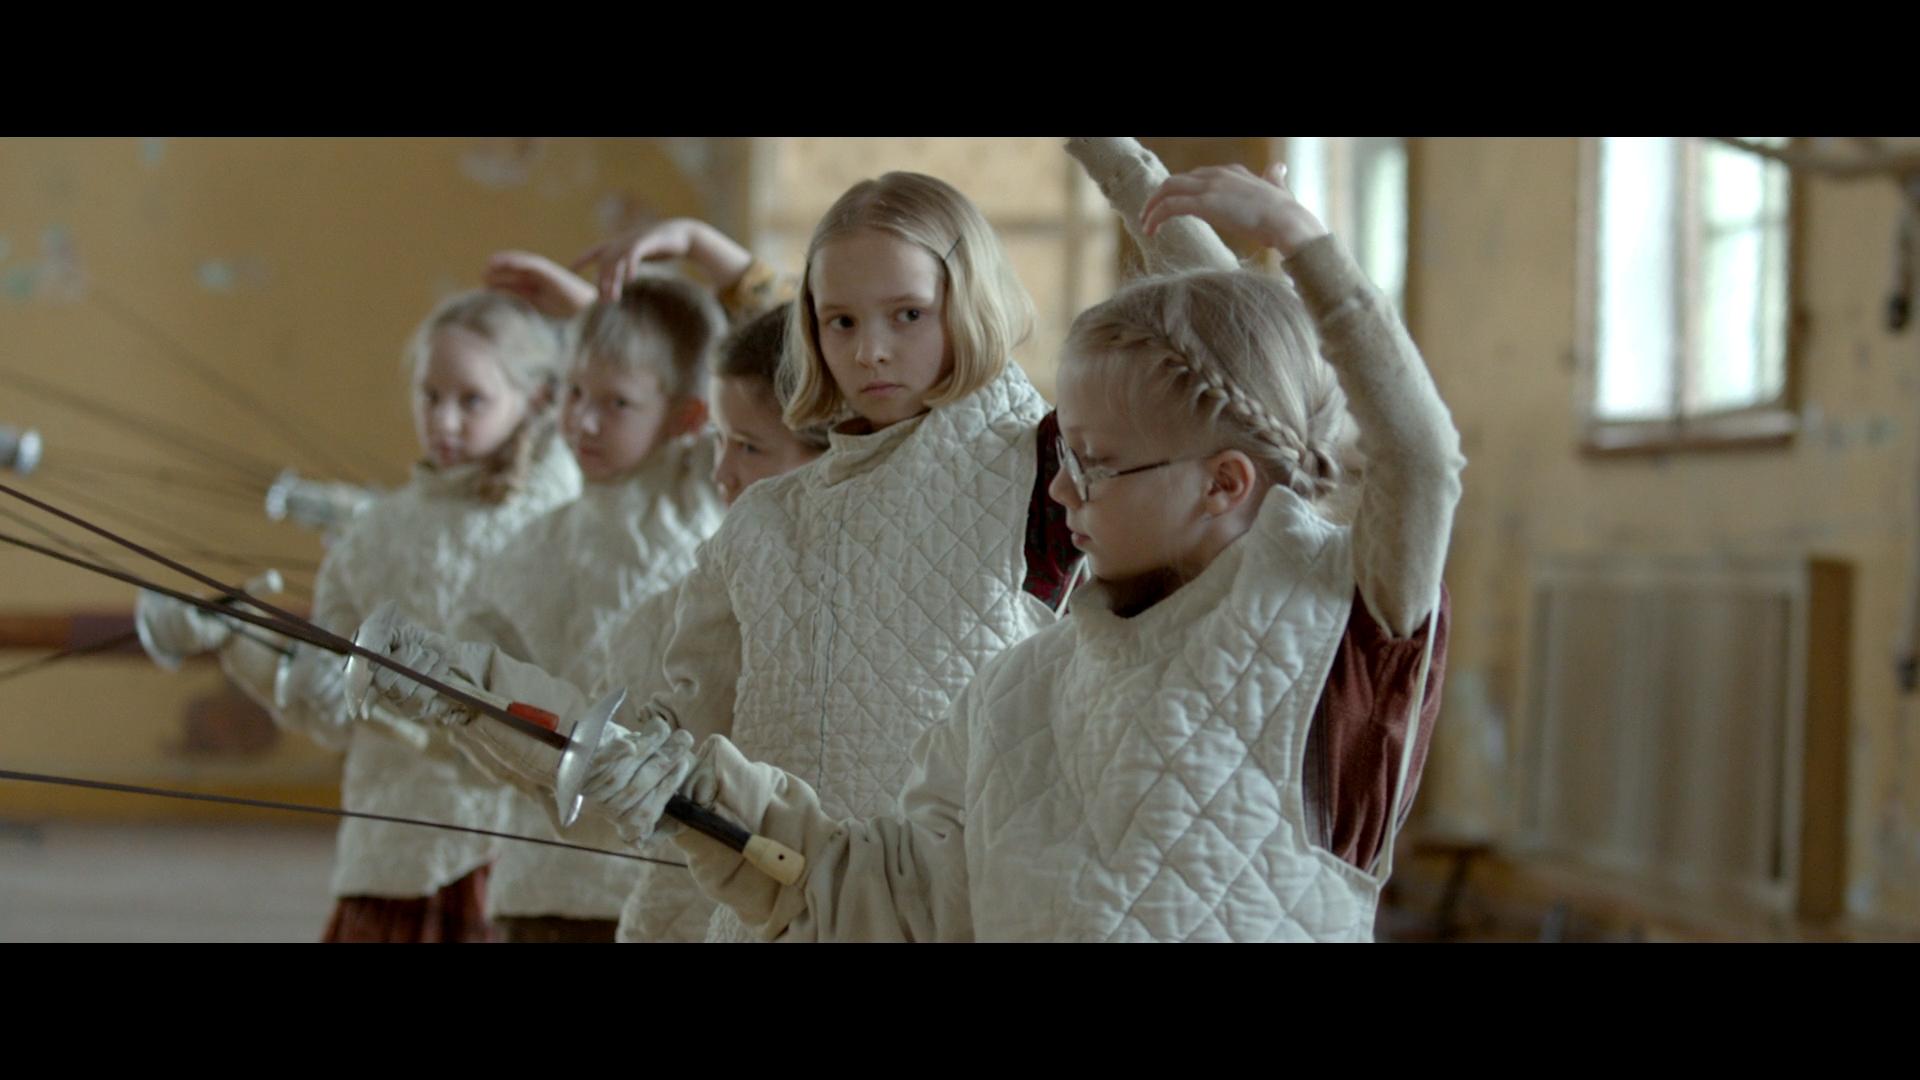 film Szermierz, dzieci ćwiczące szermierkę, dwie młode dziewczynki